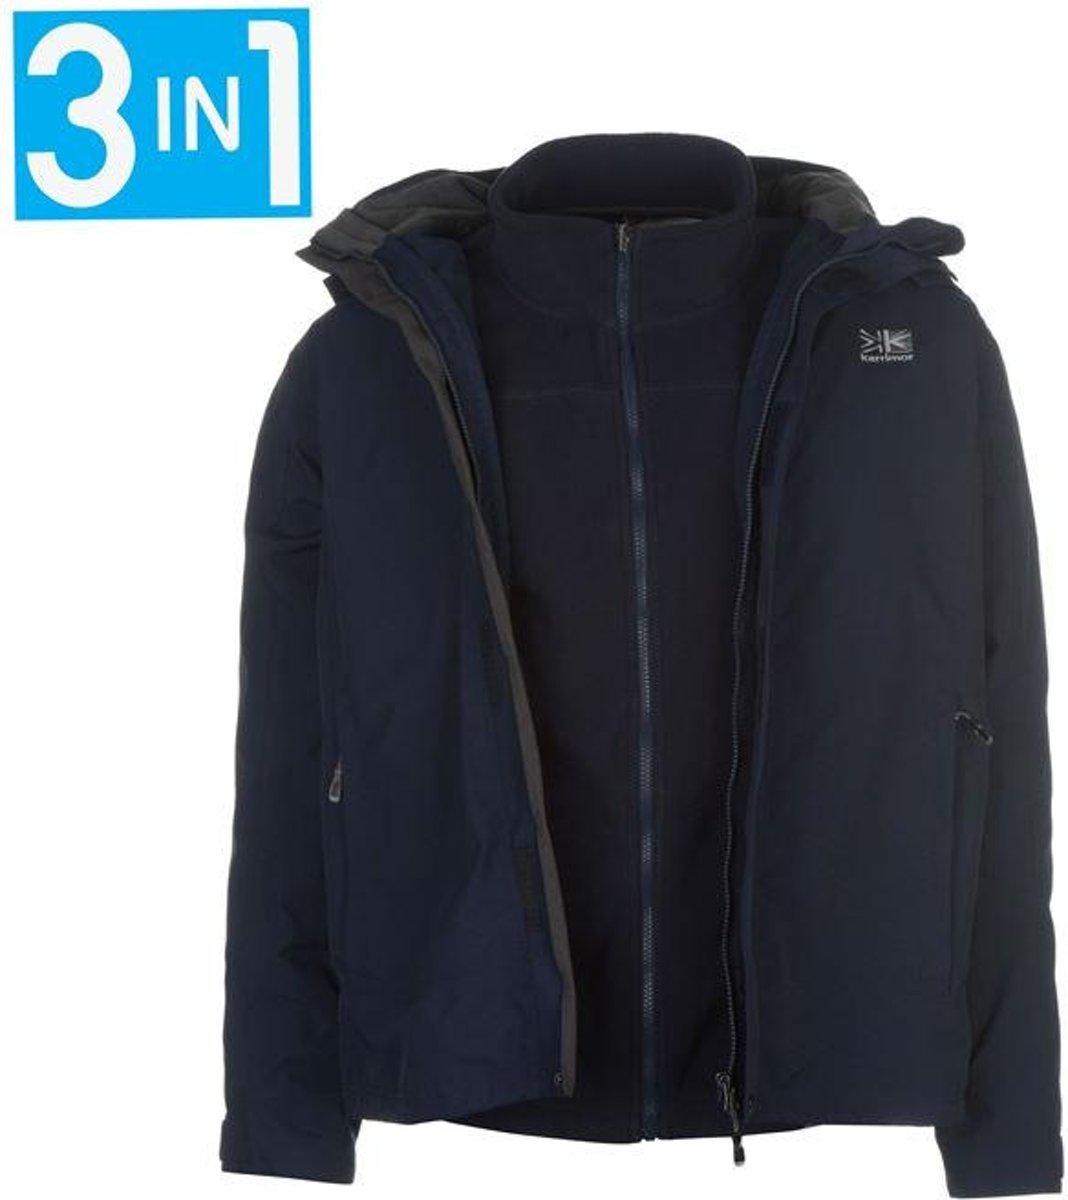 Winterjas Heren M.Top Honderd Karrimor 3 In 1 Winterjas Heren Donkerblauw M